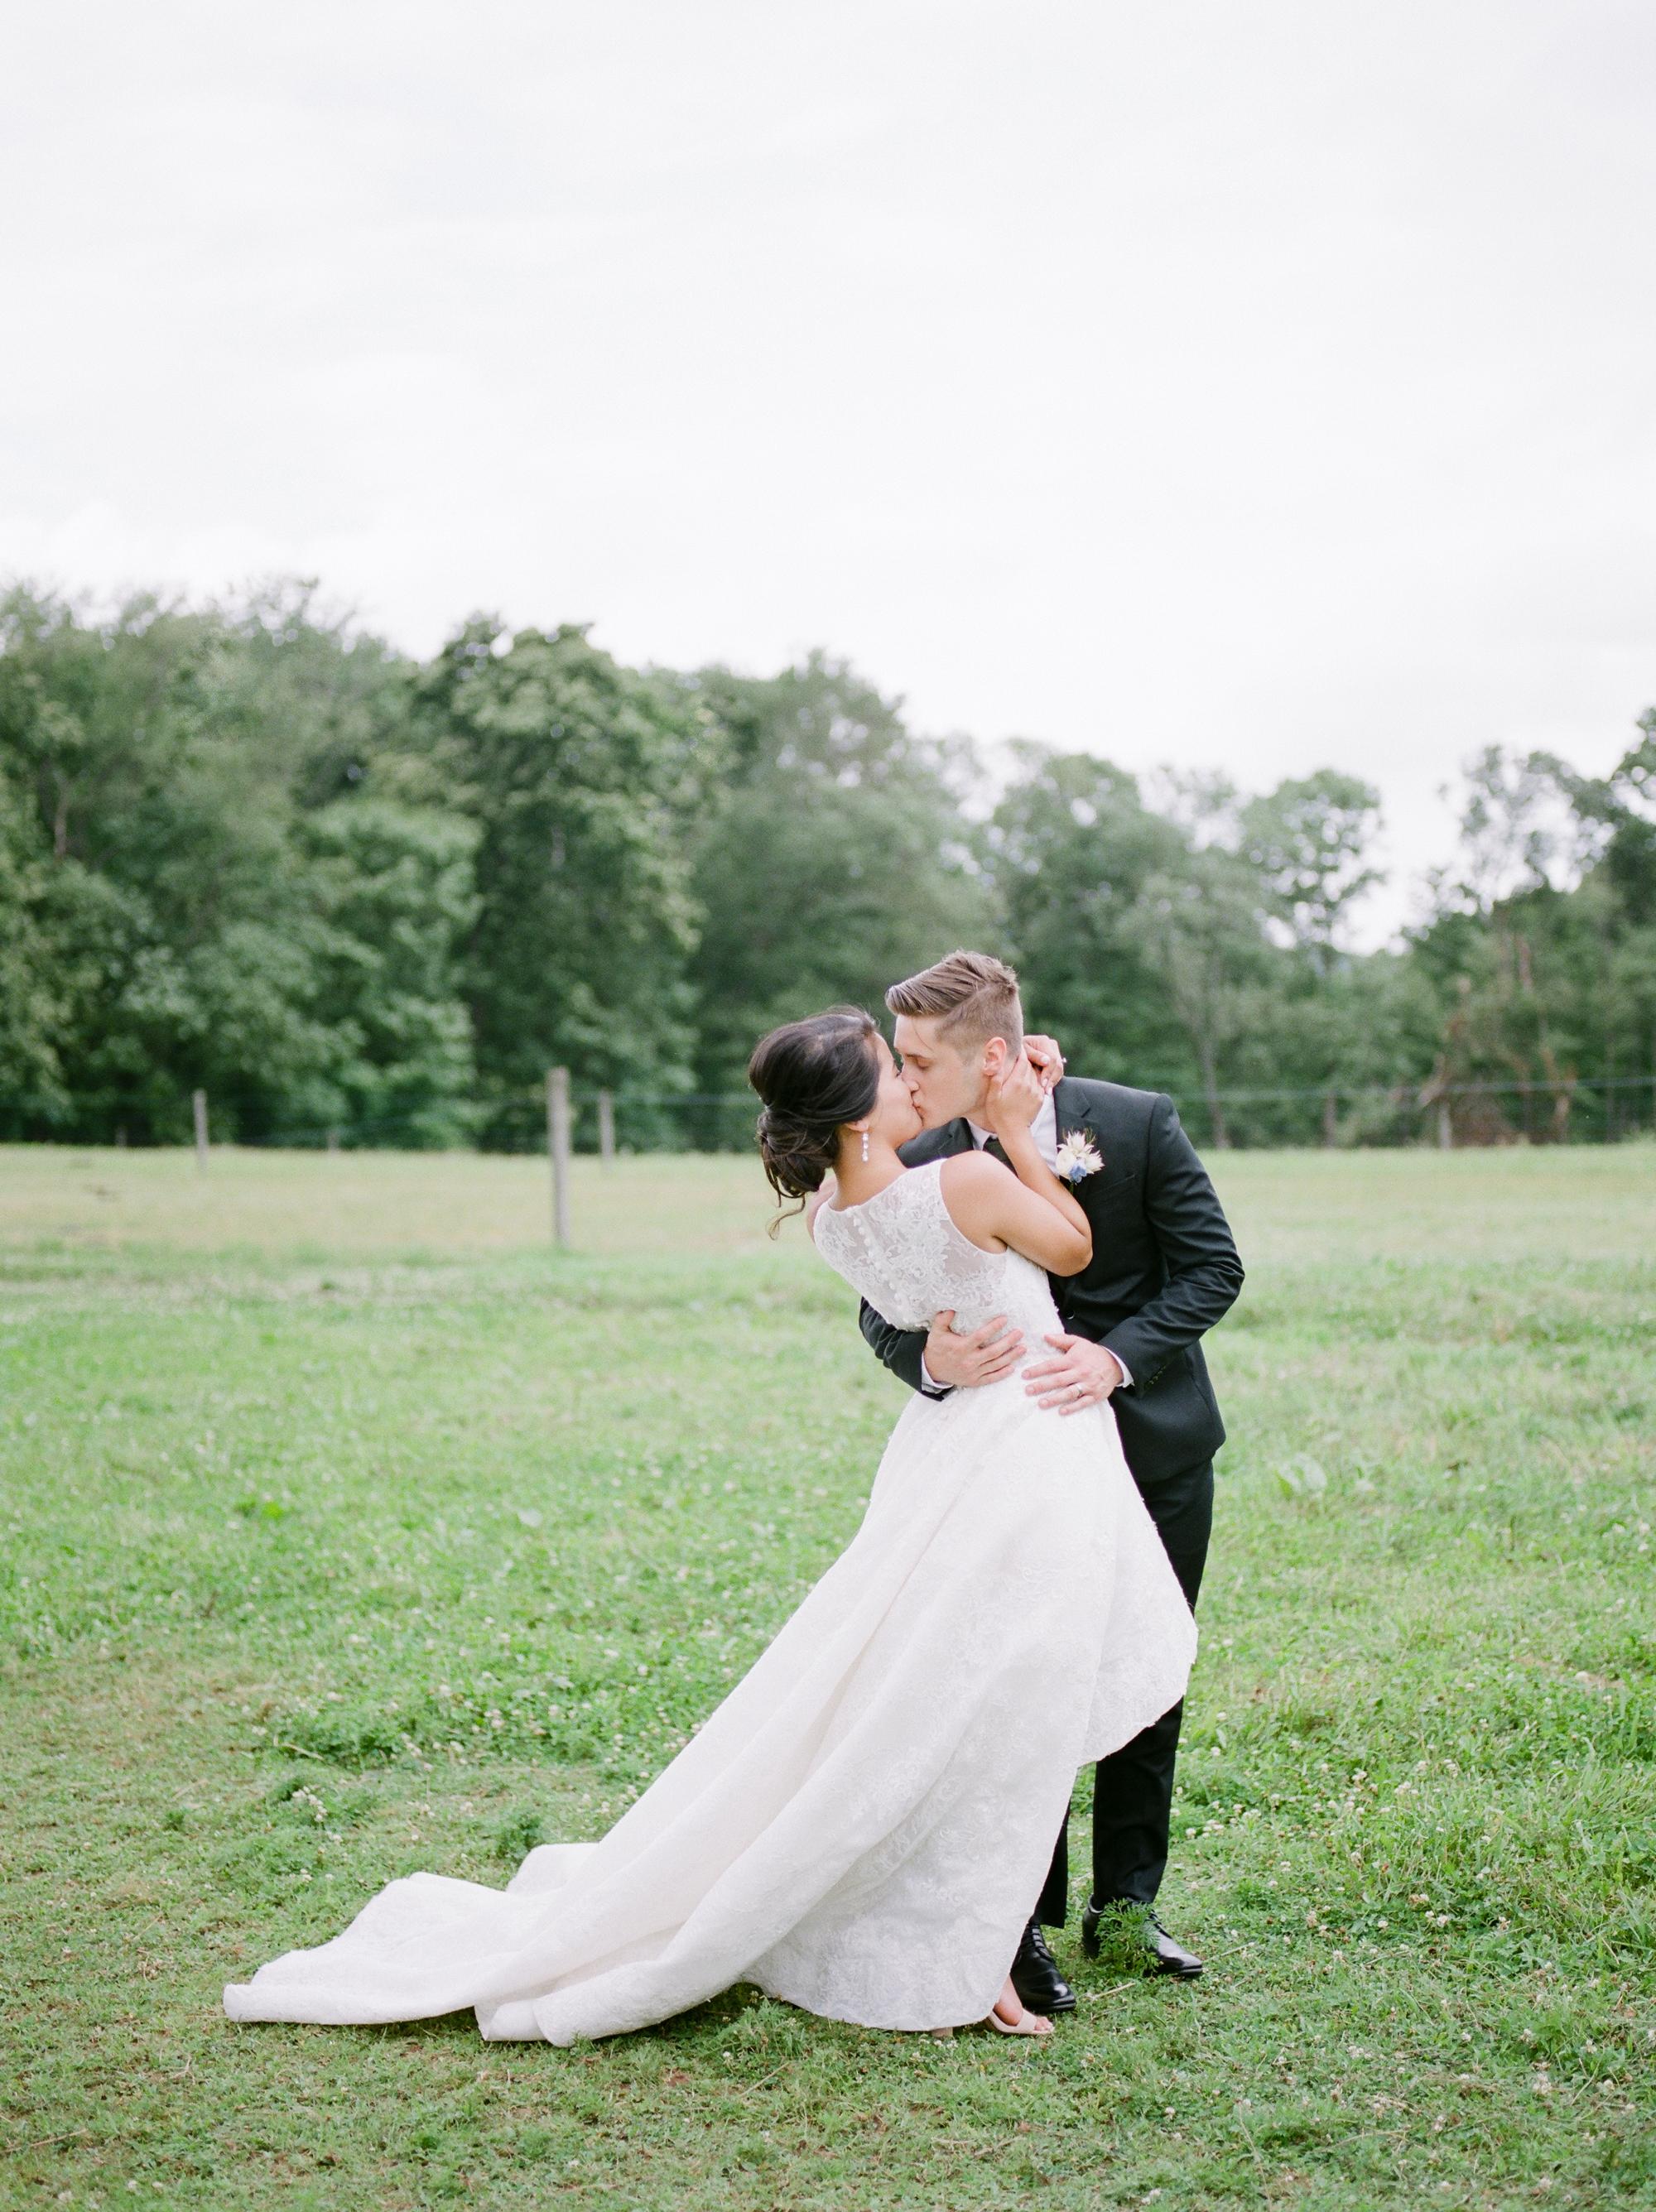 nj_alpaca-farm_wedding_inspiration-53.jpg